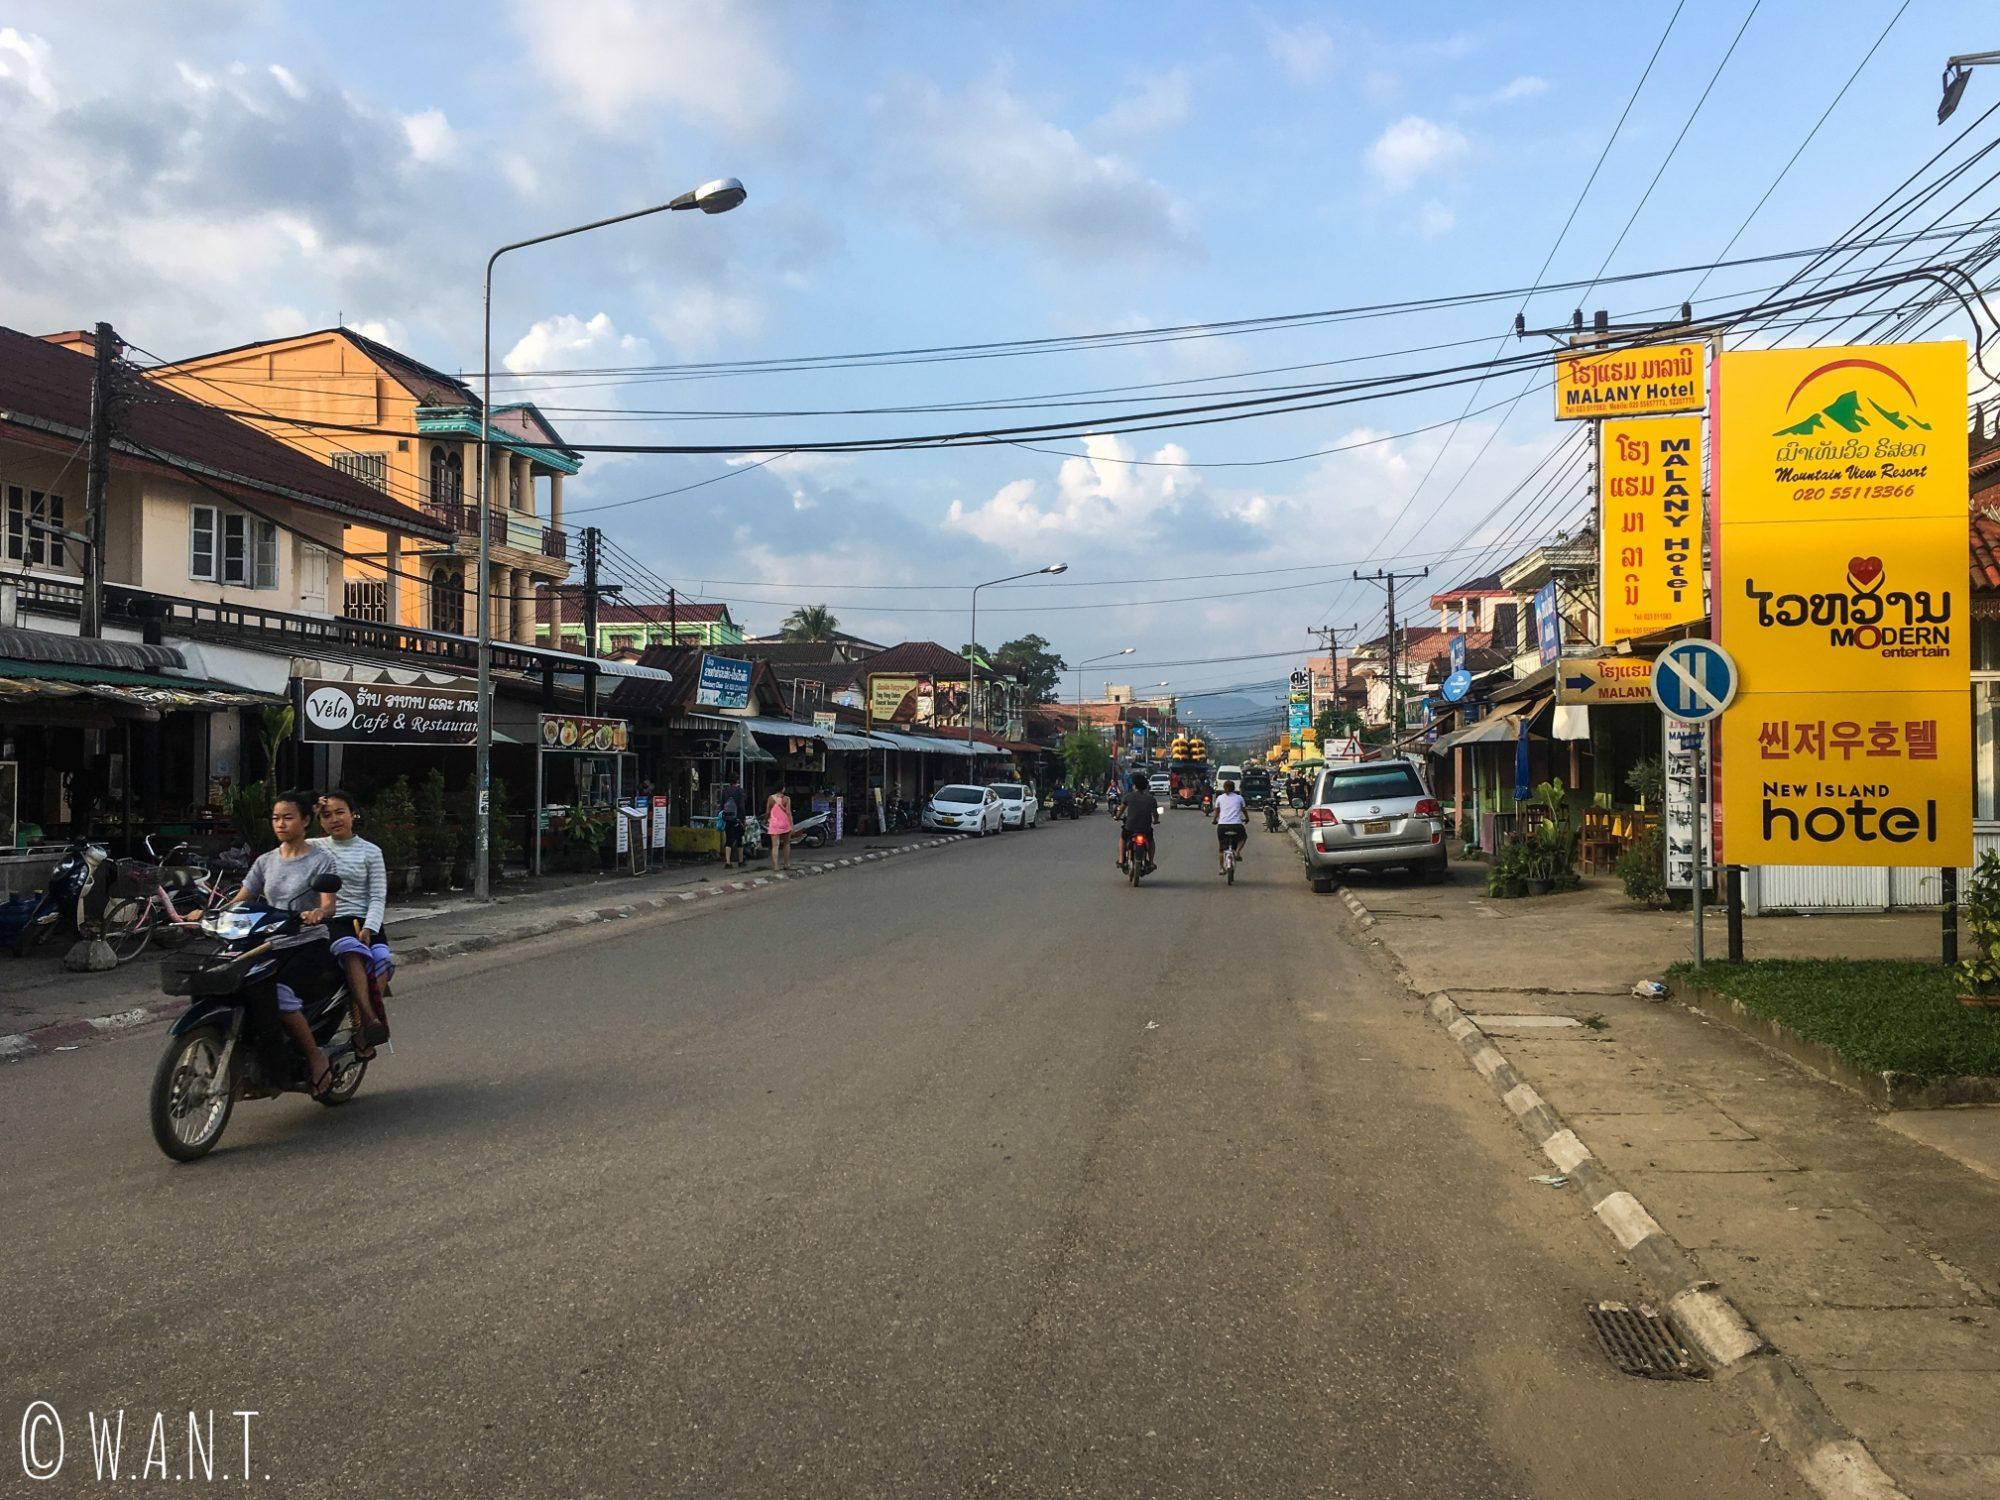 En pleine journée, les rues de Vang Vieng ne sont que peu animées